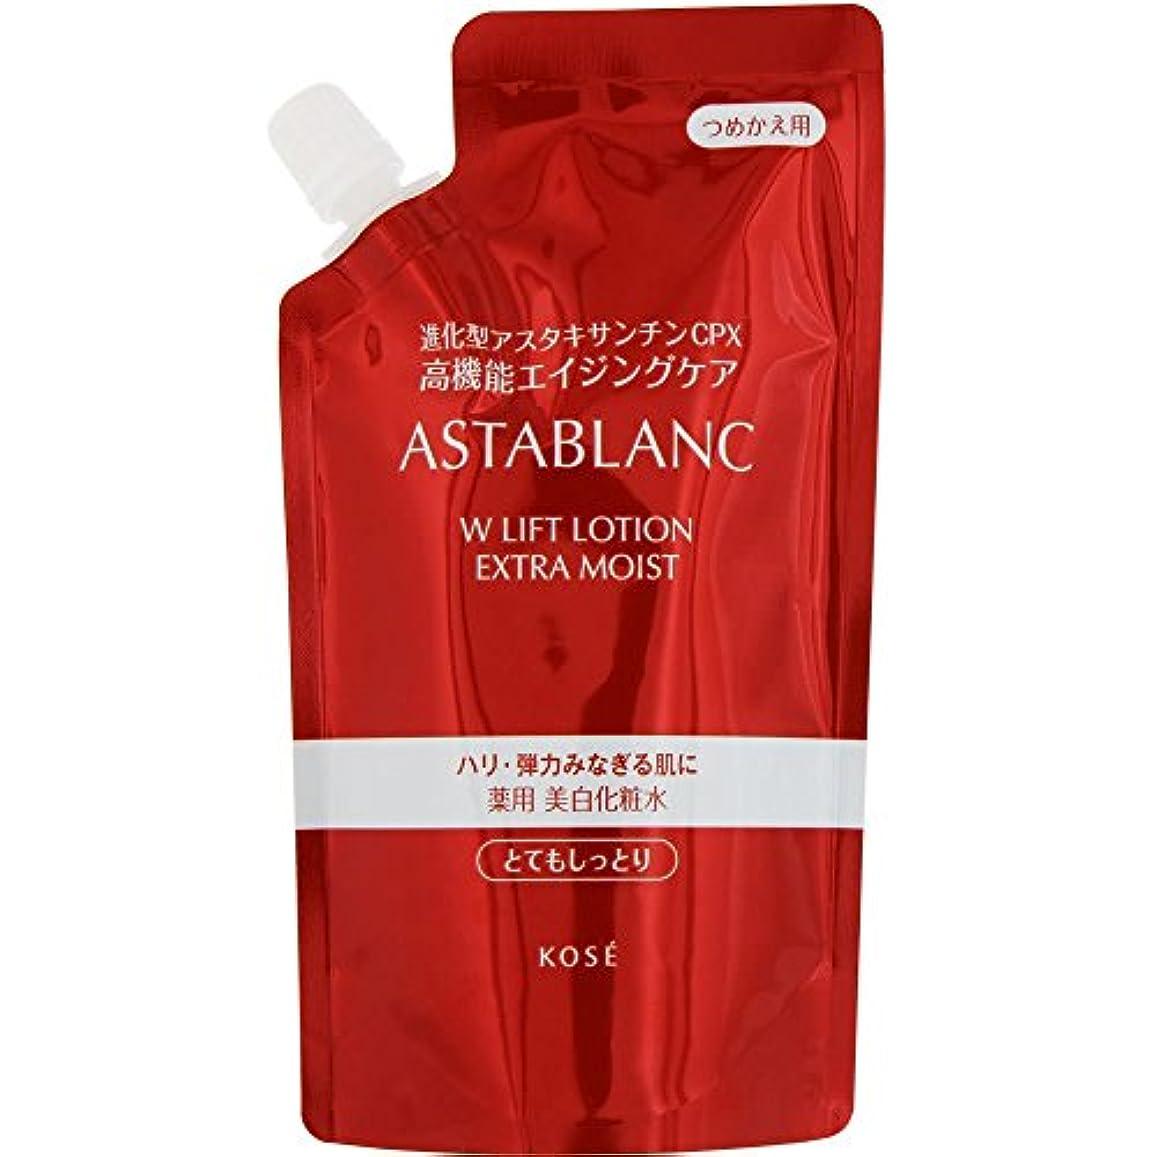 クール騒のホストASTABLANC(アスタブラン) アスタブラン Wリフト ローション とてもしっとり 化粧水 詰替え用 130mL